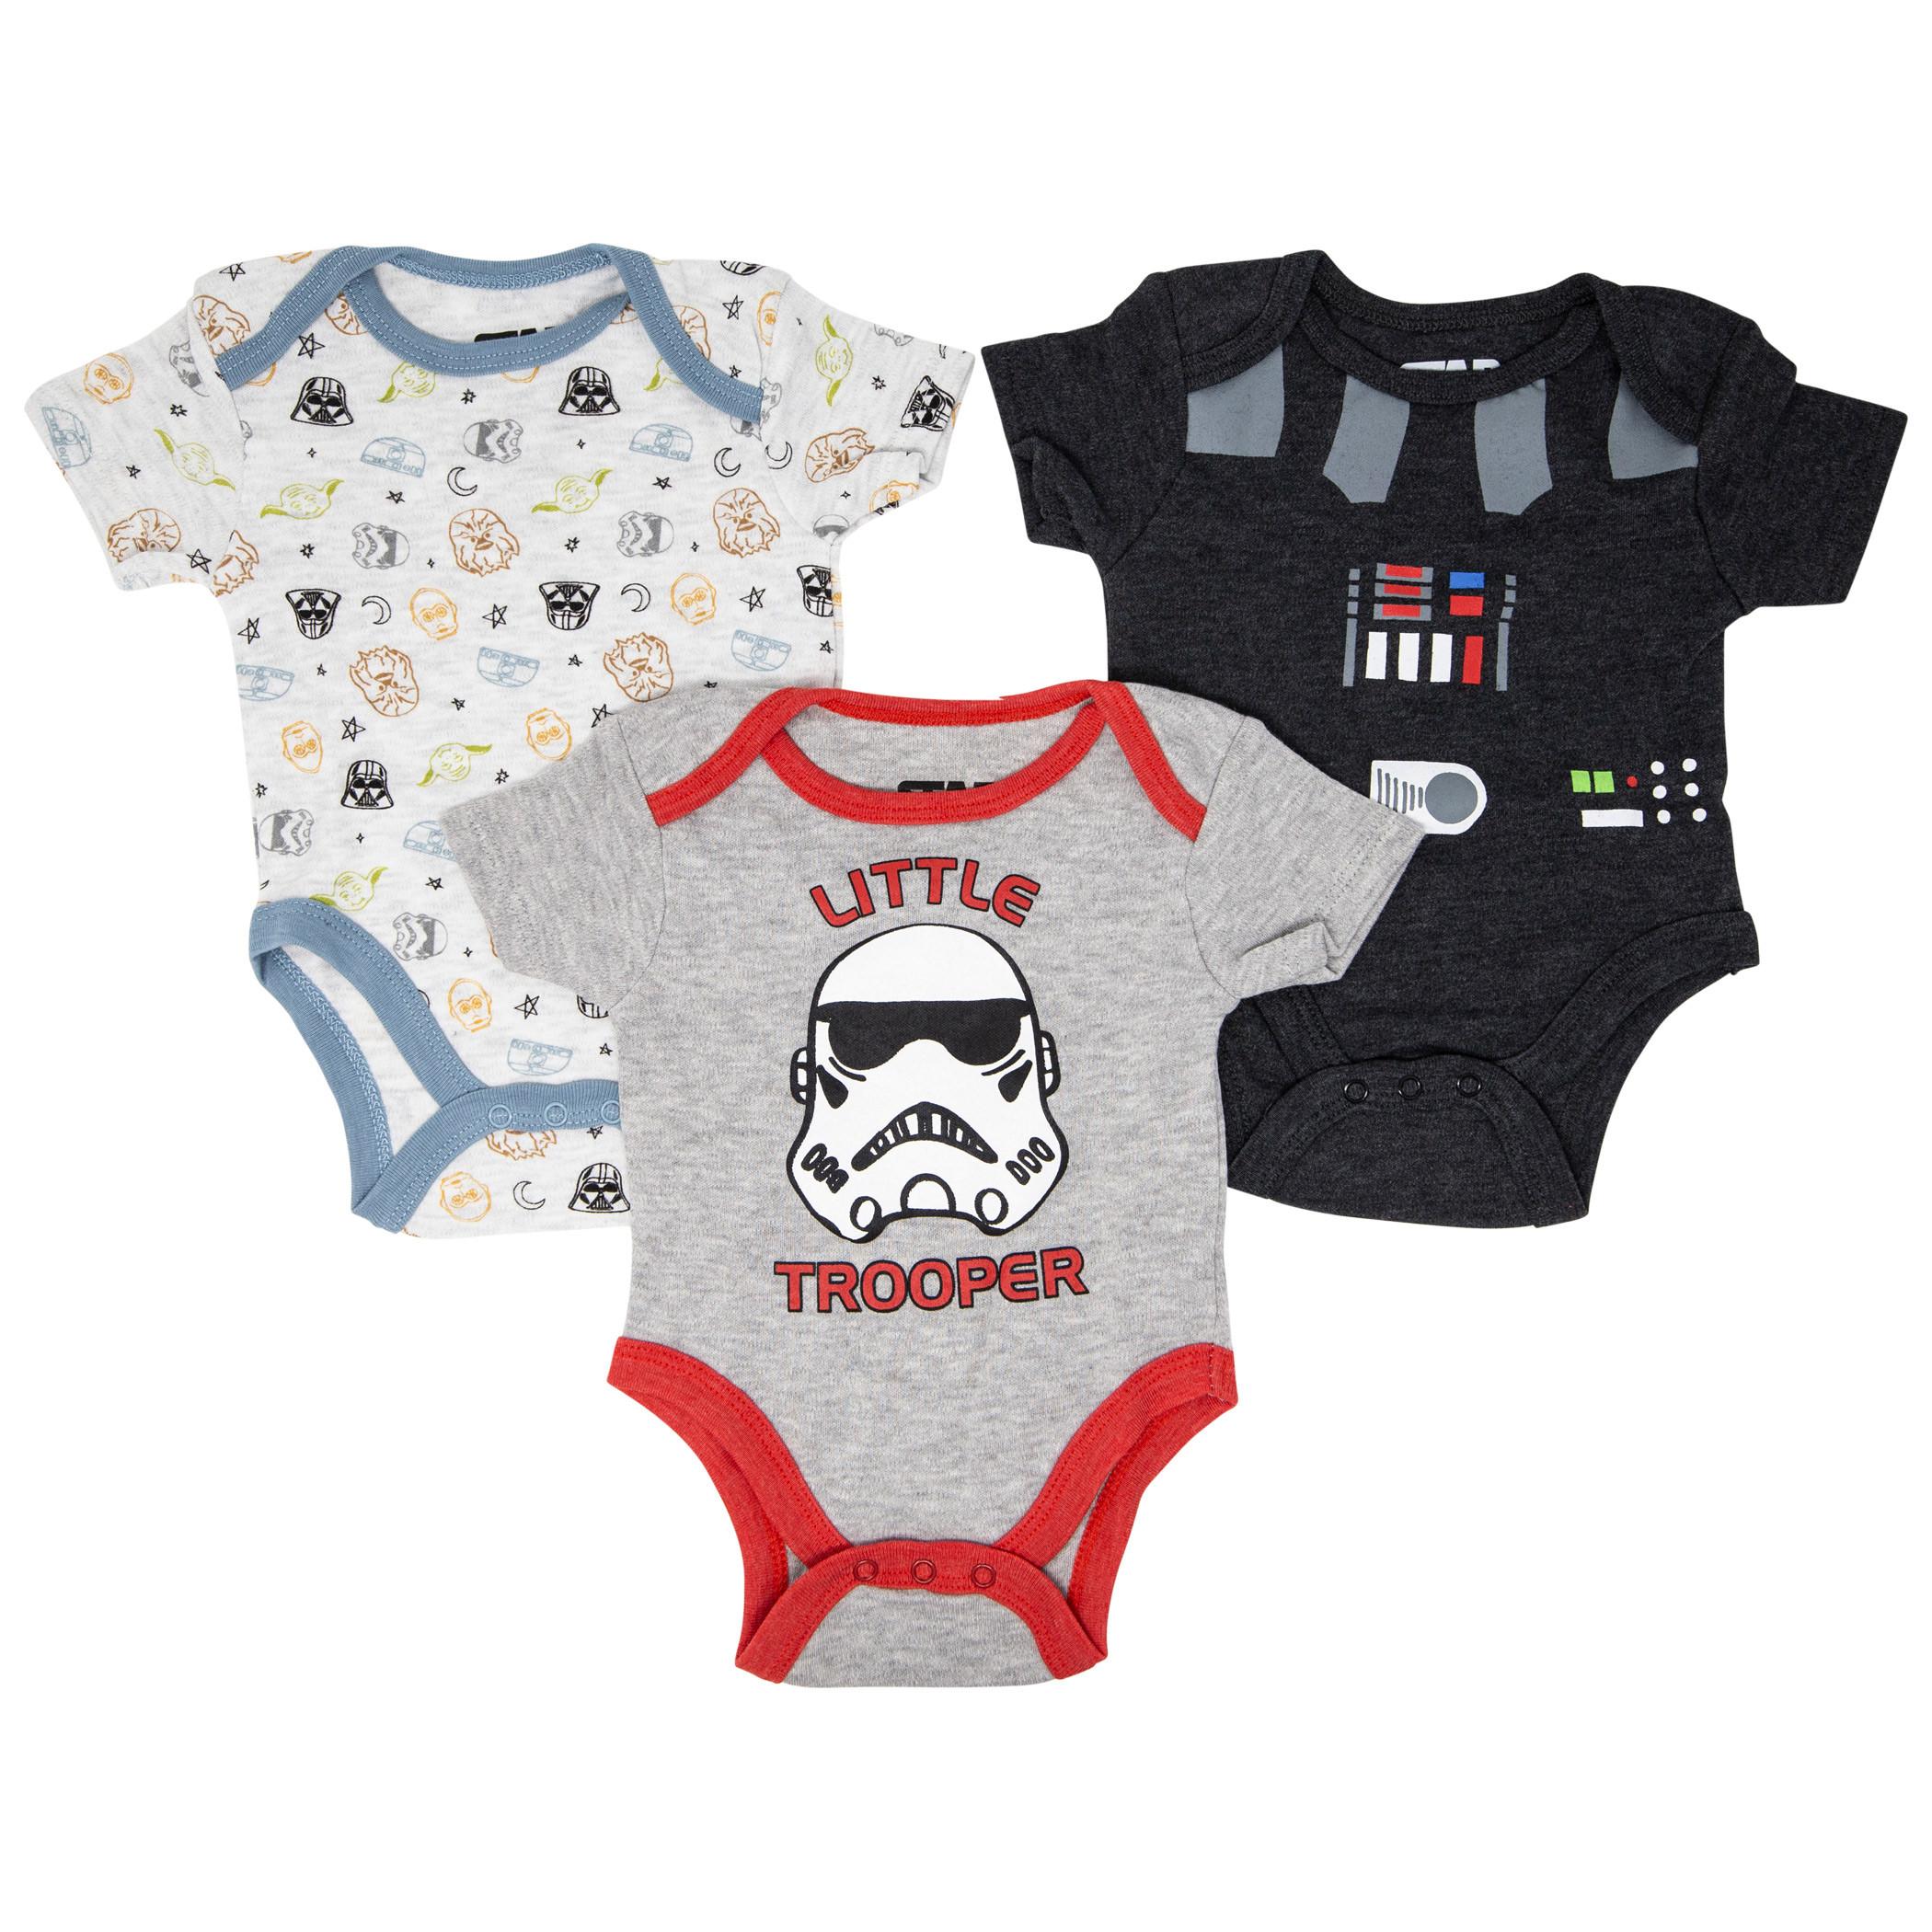 Star Wars 3-Pack Infant Bodysuit Set